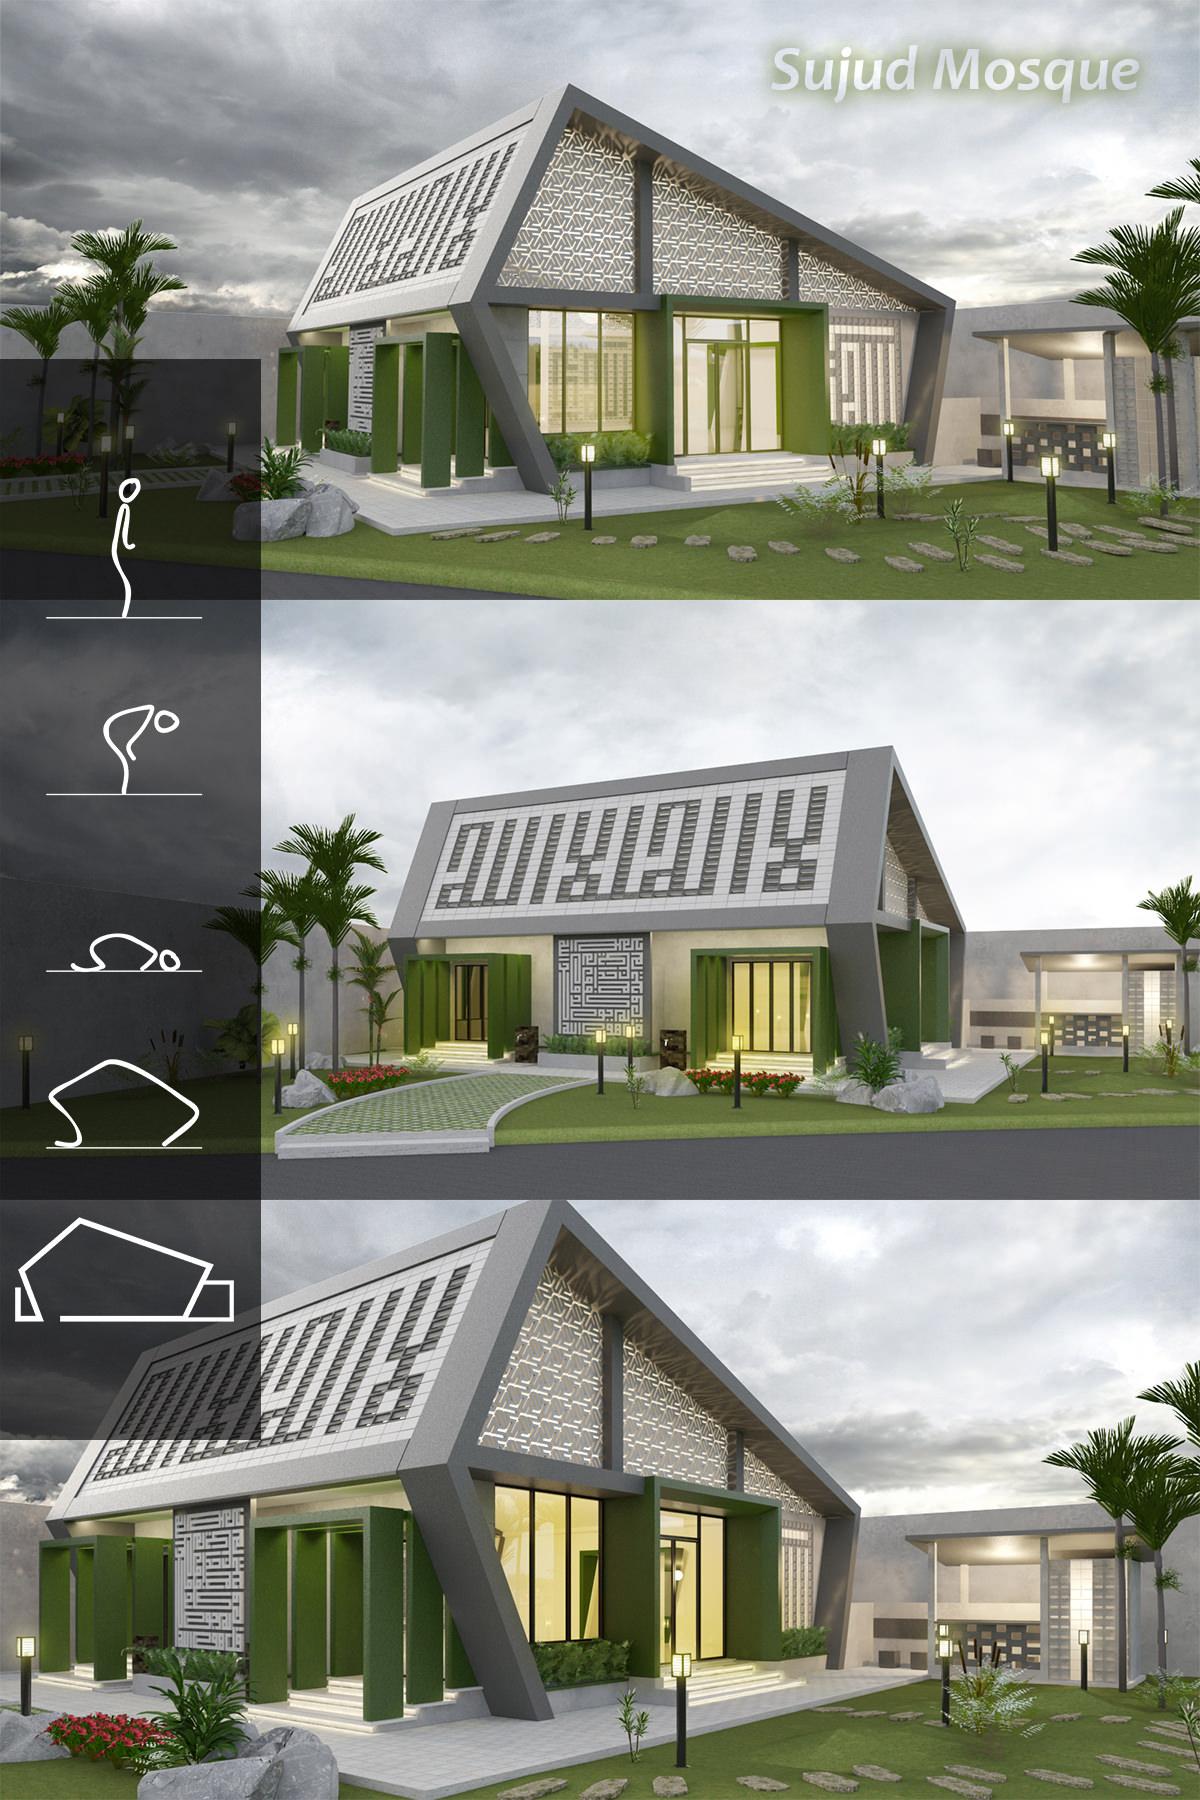 Desain Exterior Untuk Masjid SPBU